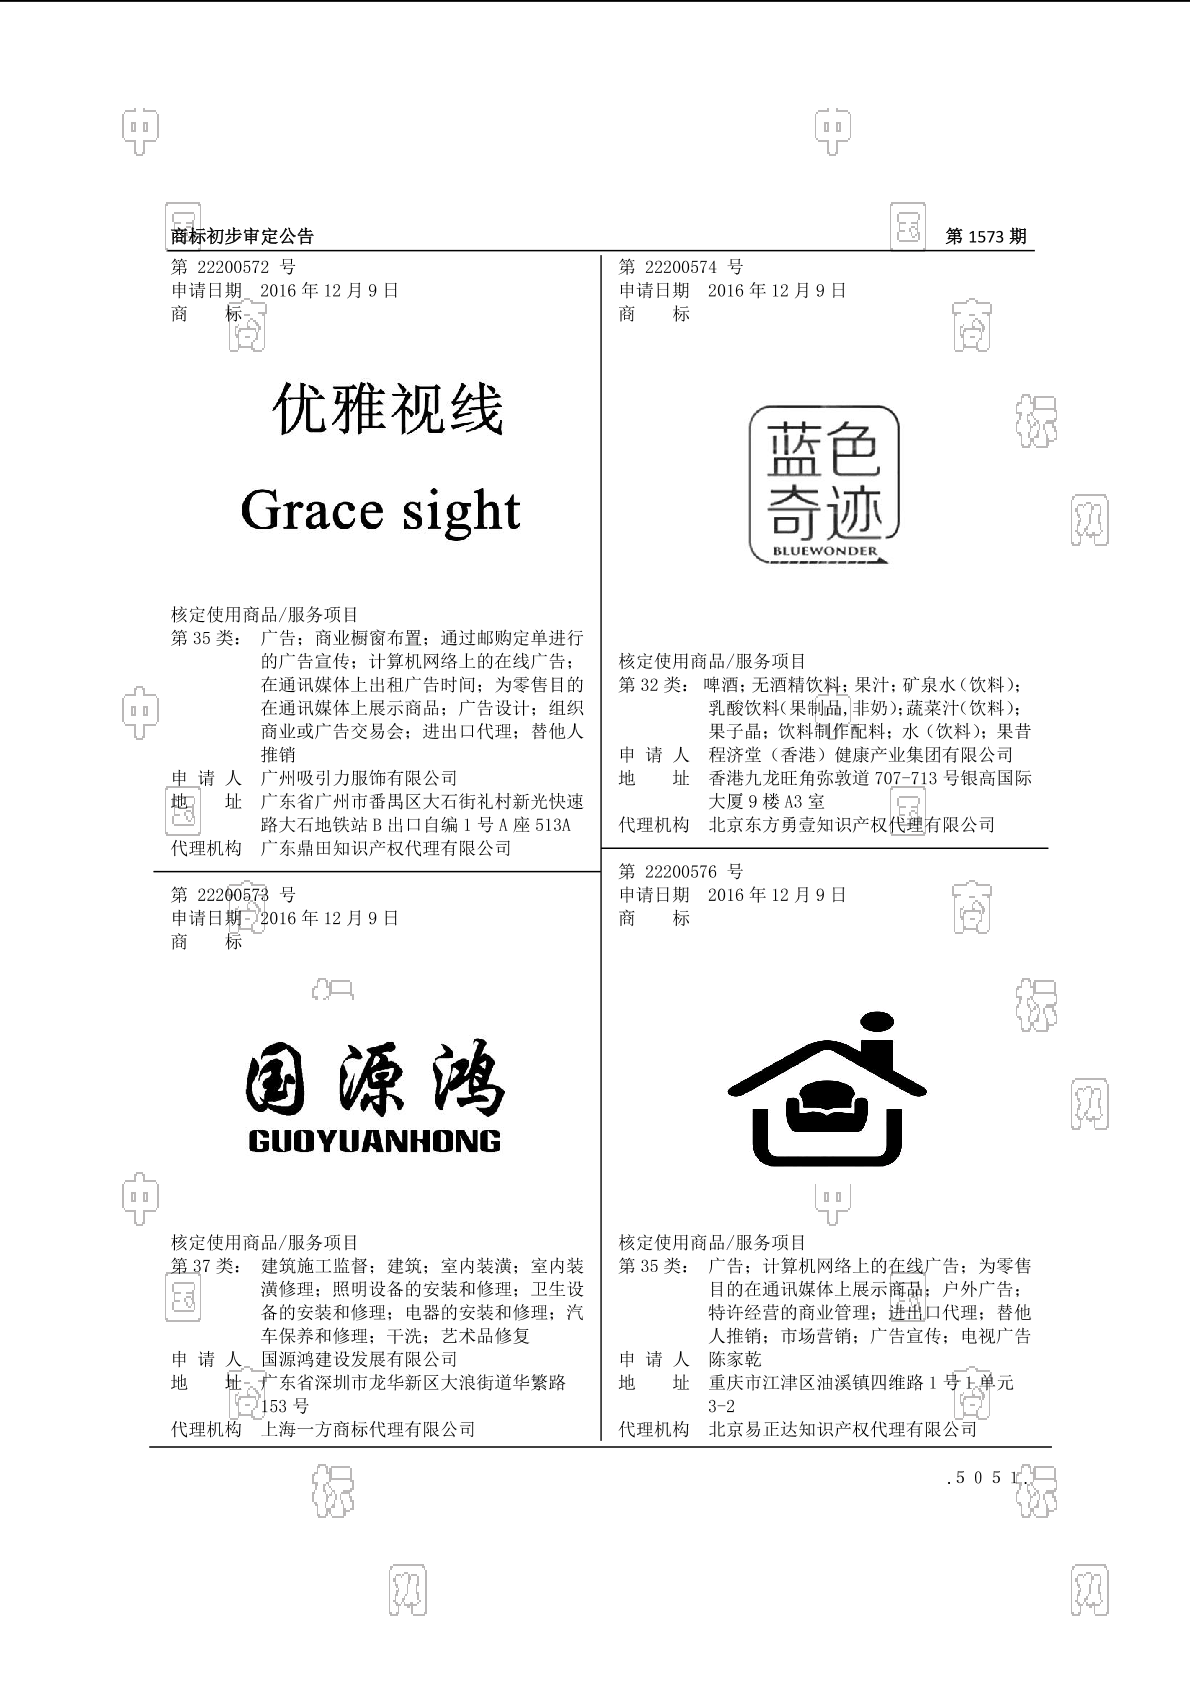 【社标网】优雅视线 GRACE SIGHT商标状态注册号信息 广州吸引力服饰有限公司商标信息-商标查询